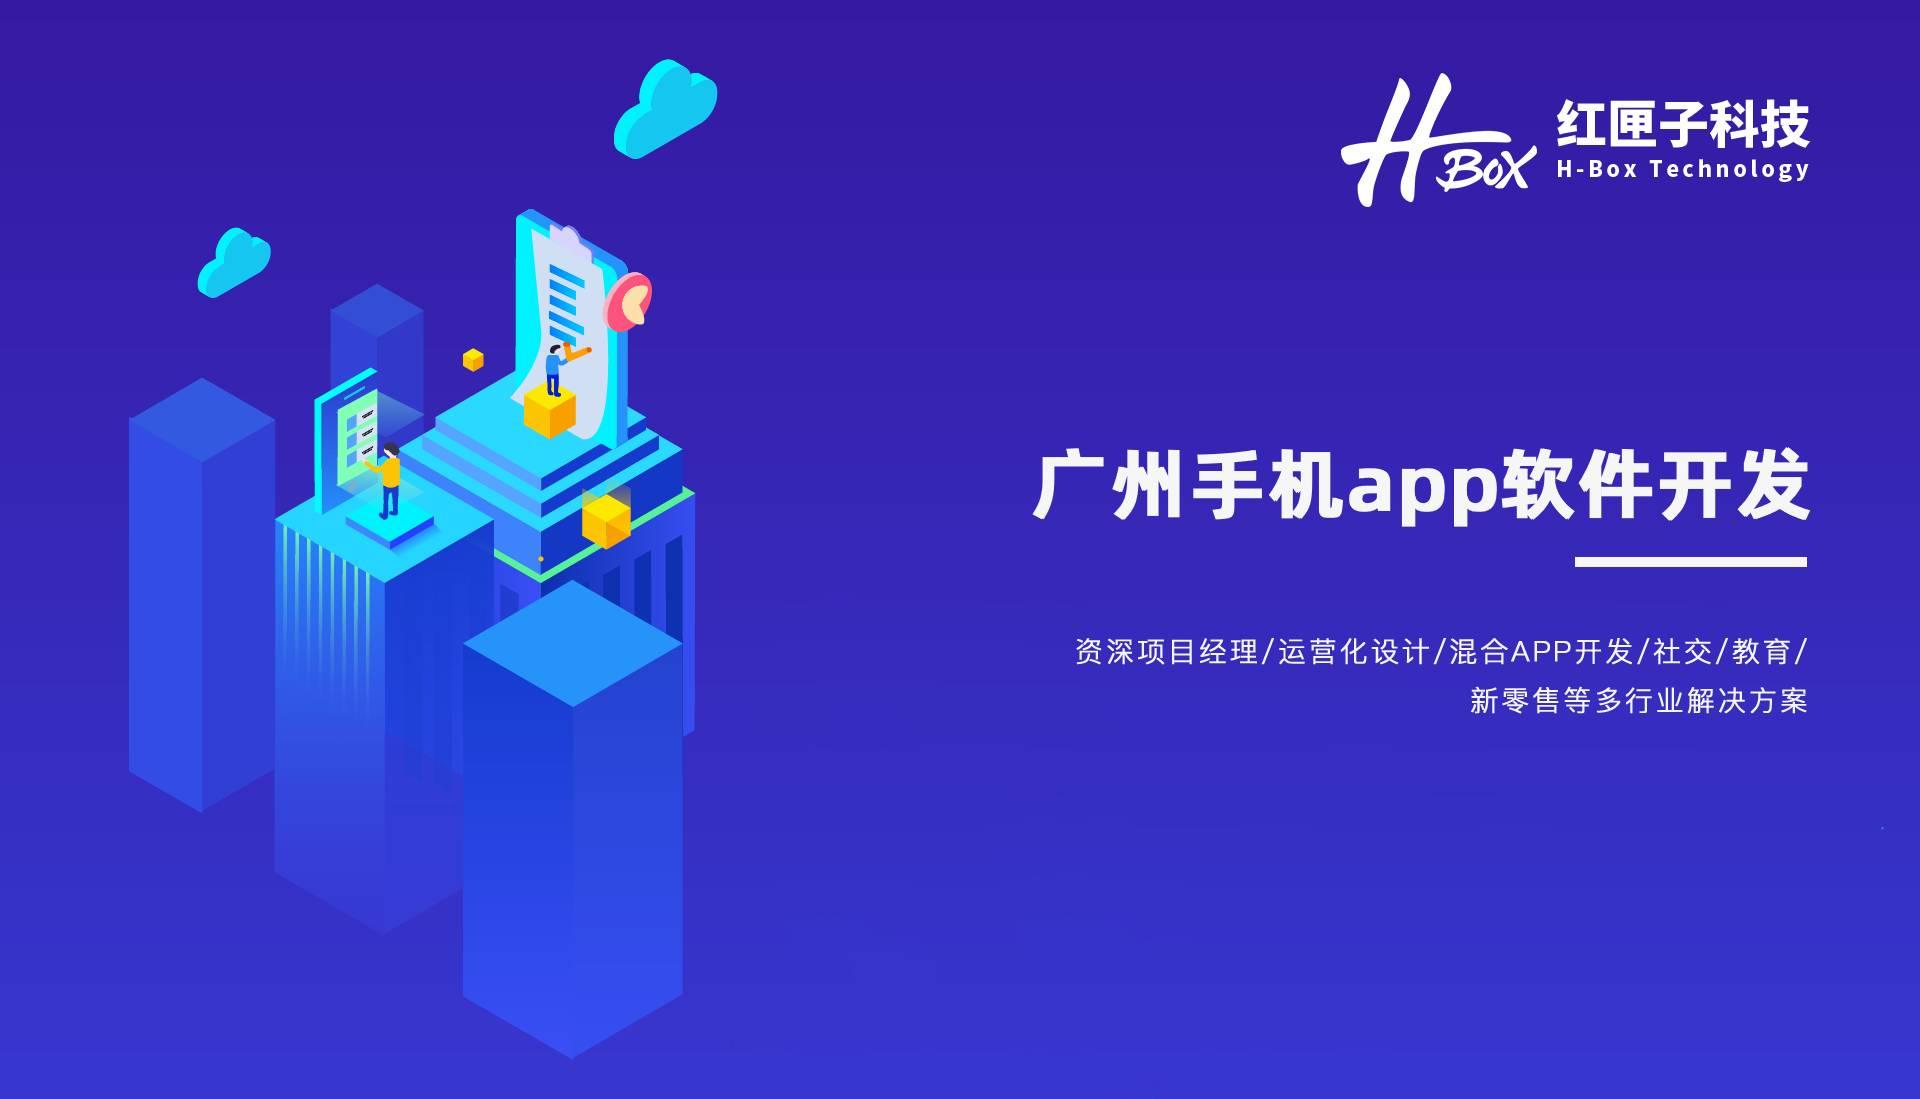 广州手机app软件开发 - 广州开发App软件的公司